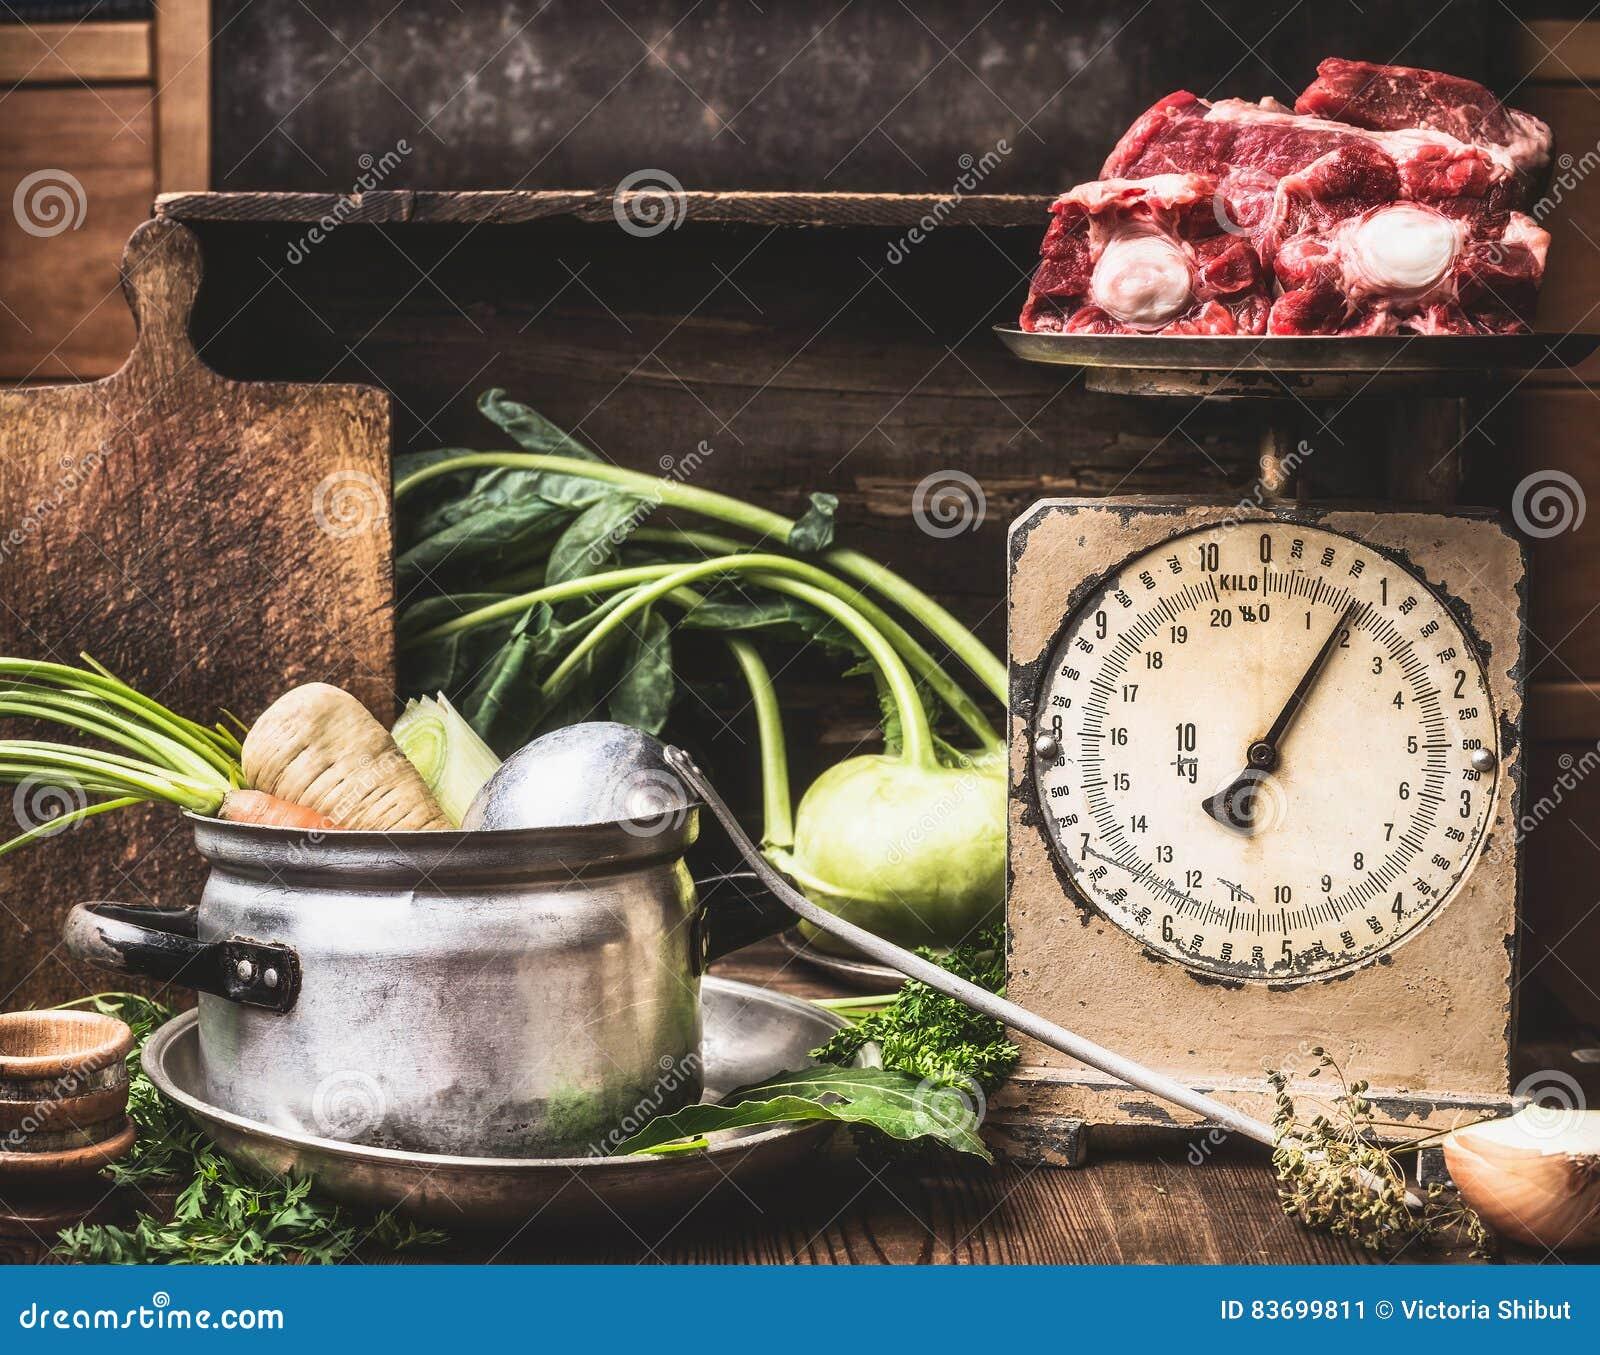 Tavolo da cucina con la cottura del vaso, siviera, verdure e vecchio pesatore con carne cruda, preparazione di minestra, brodo o